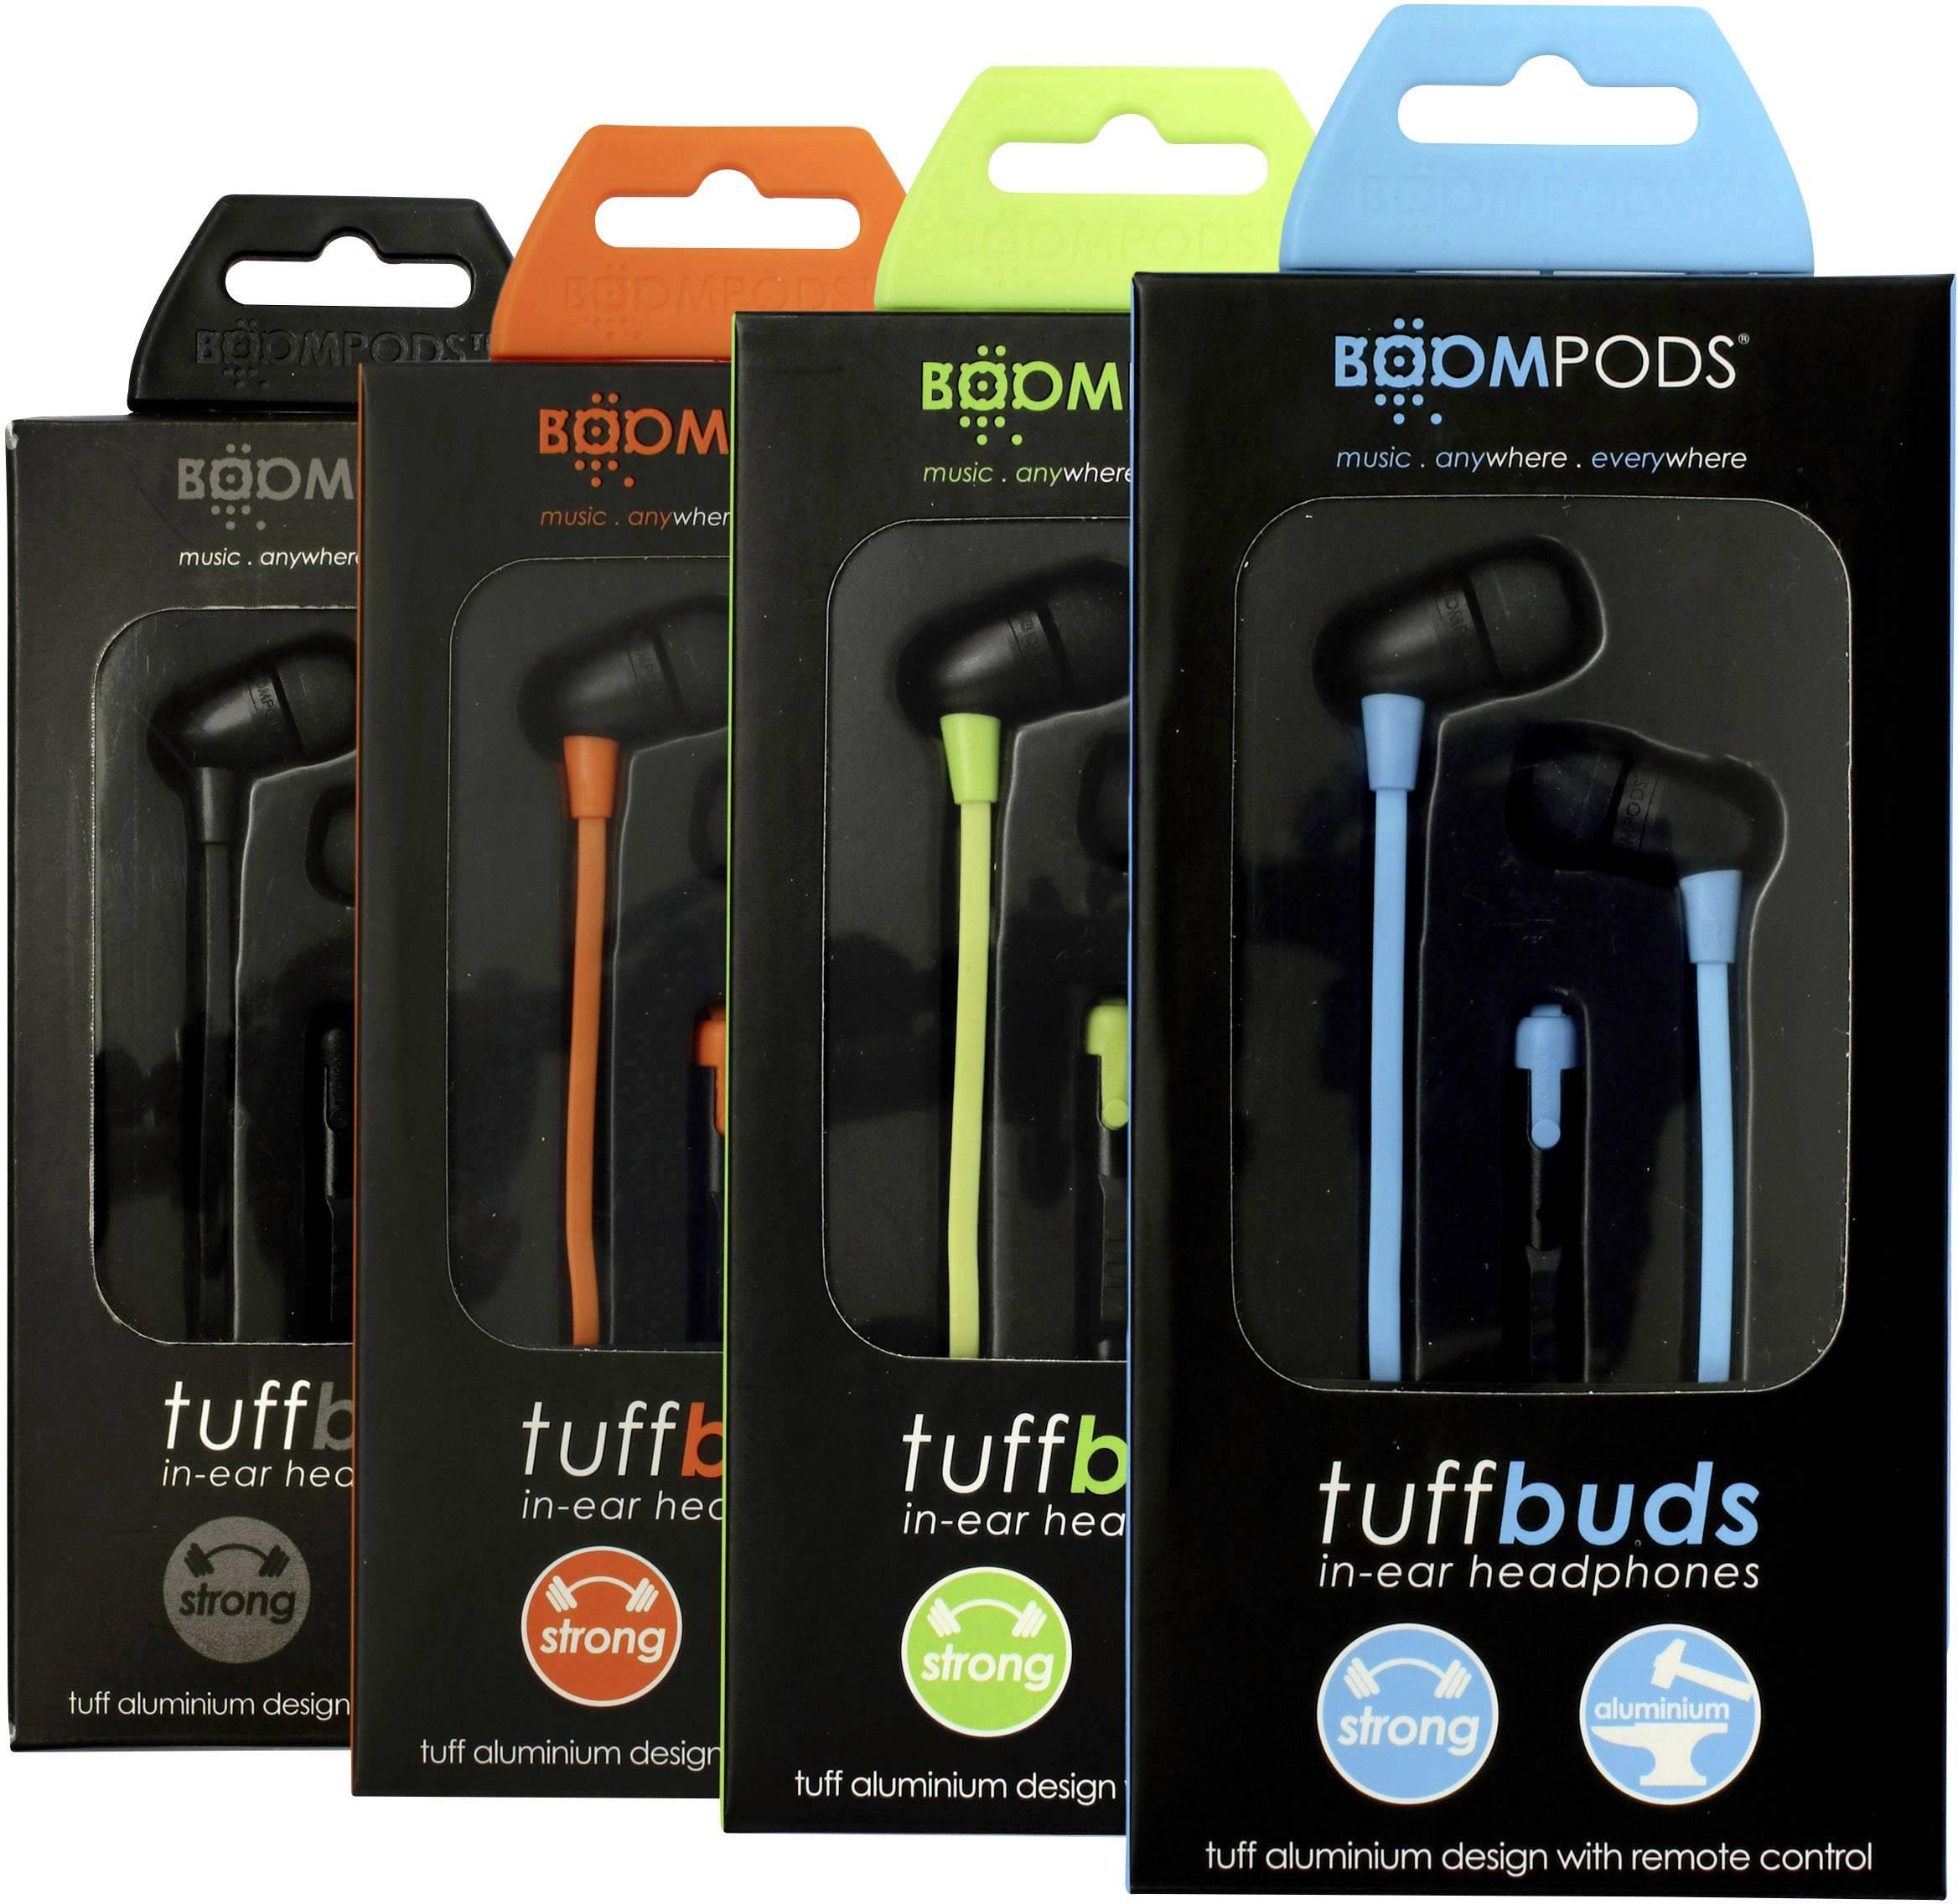 Boompods Tuffbuds Headphones In-ear Headset Orange 316a96041f3f5